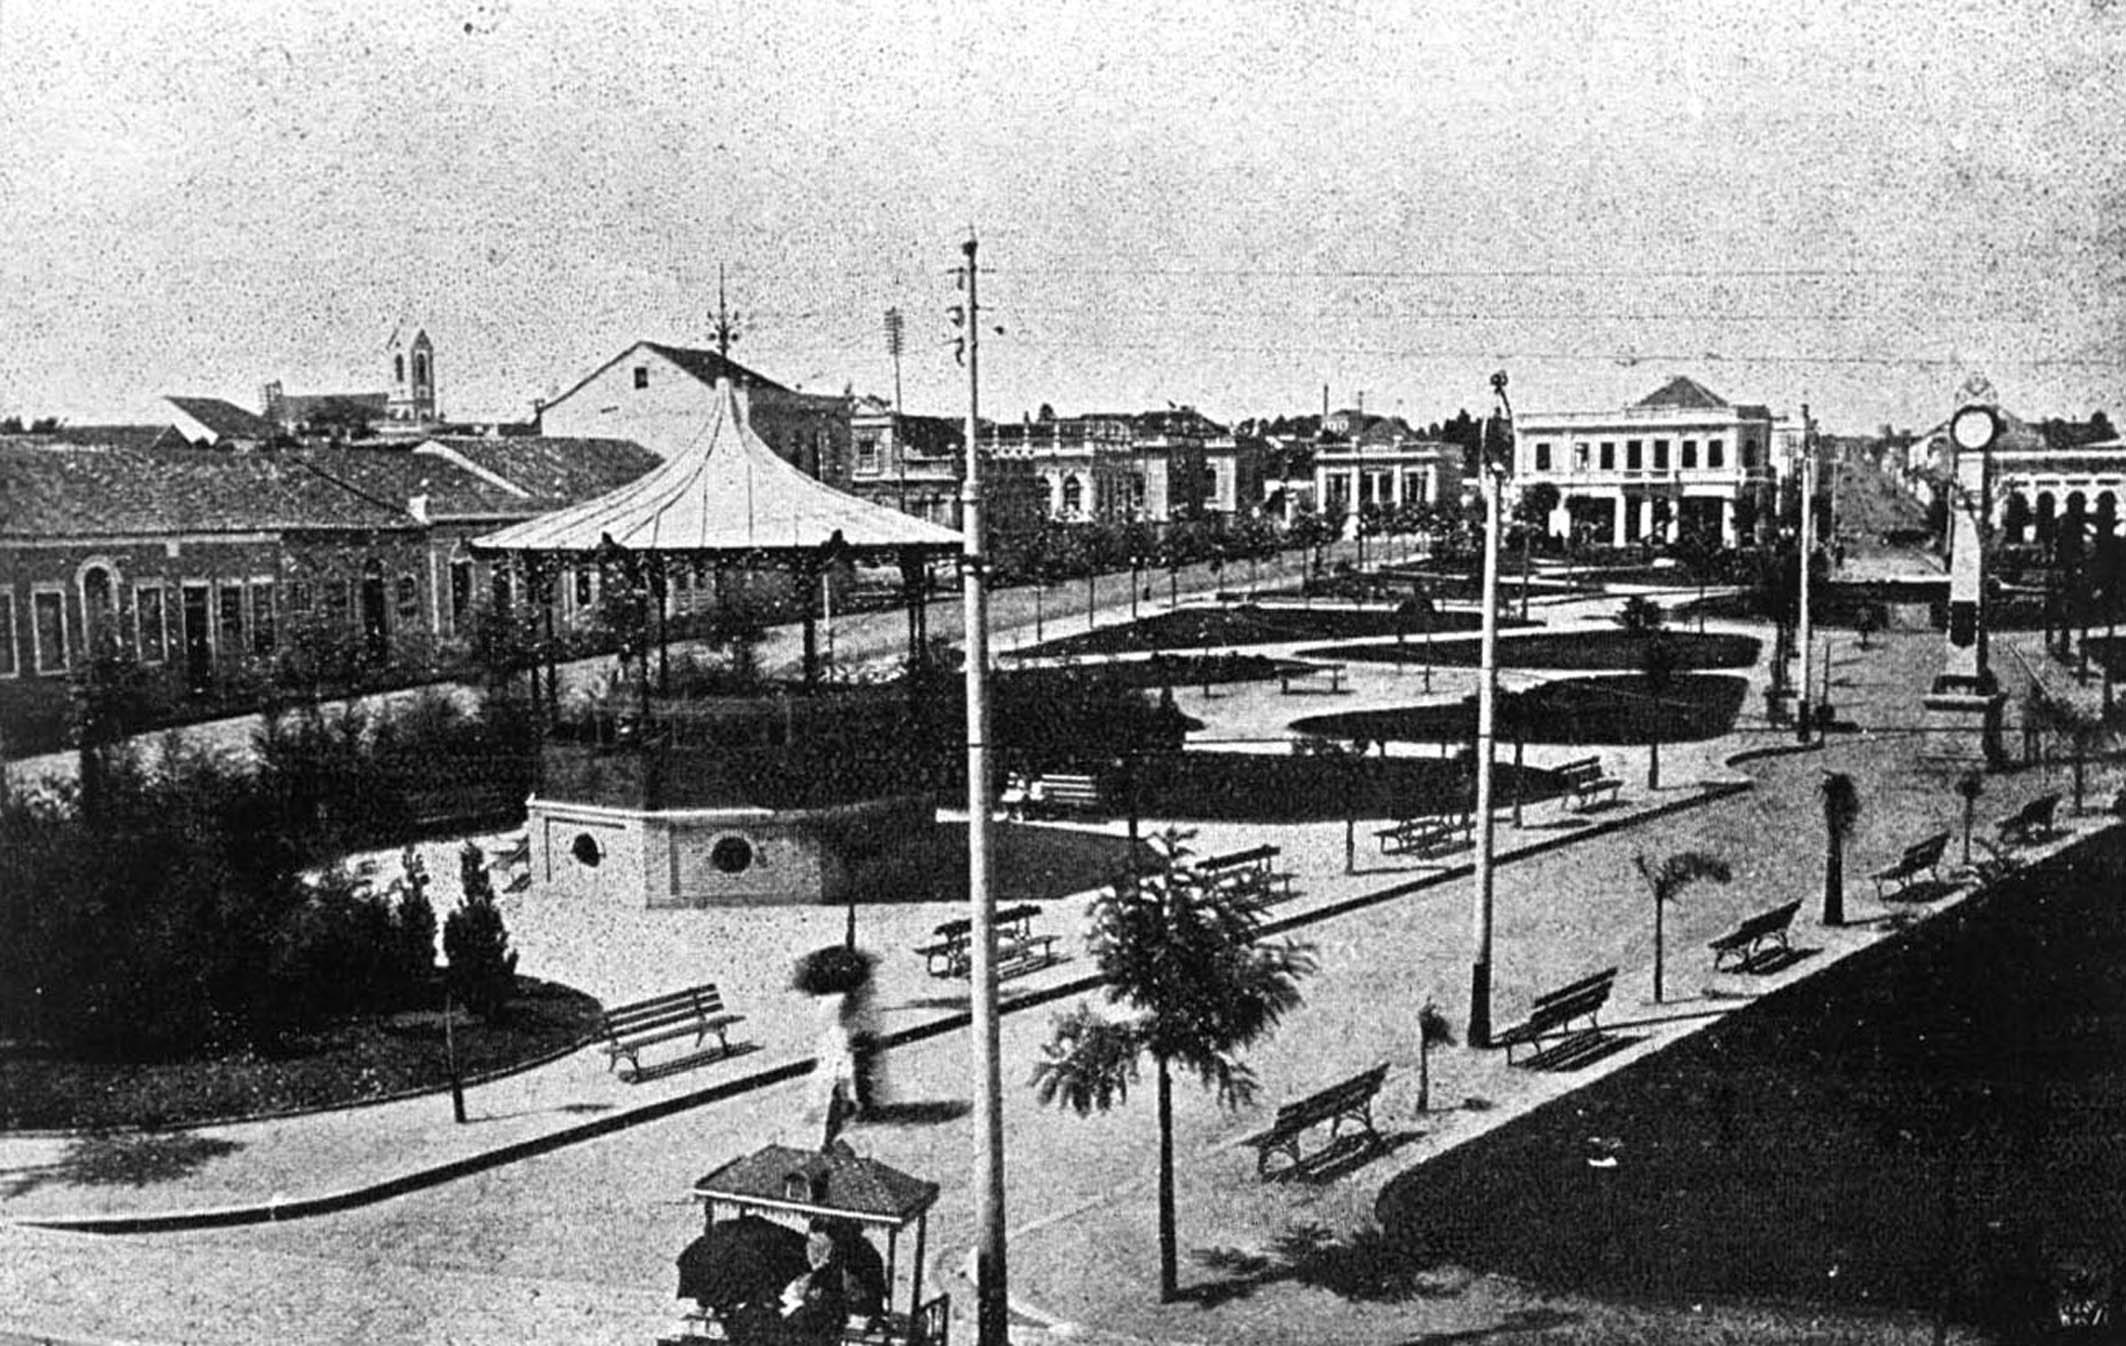 Praça Osório na década de 1920. Destaque para o coreto e o relógio, melhoramentos realizados entre 1913 e 1916.